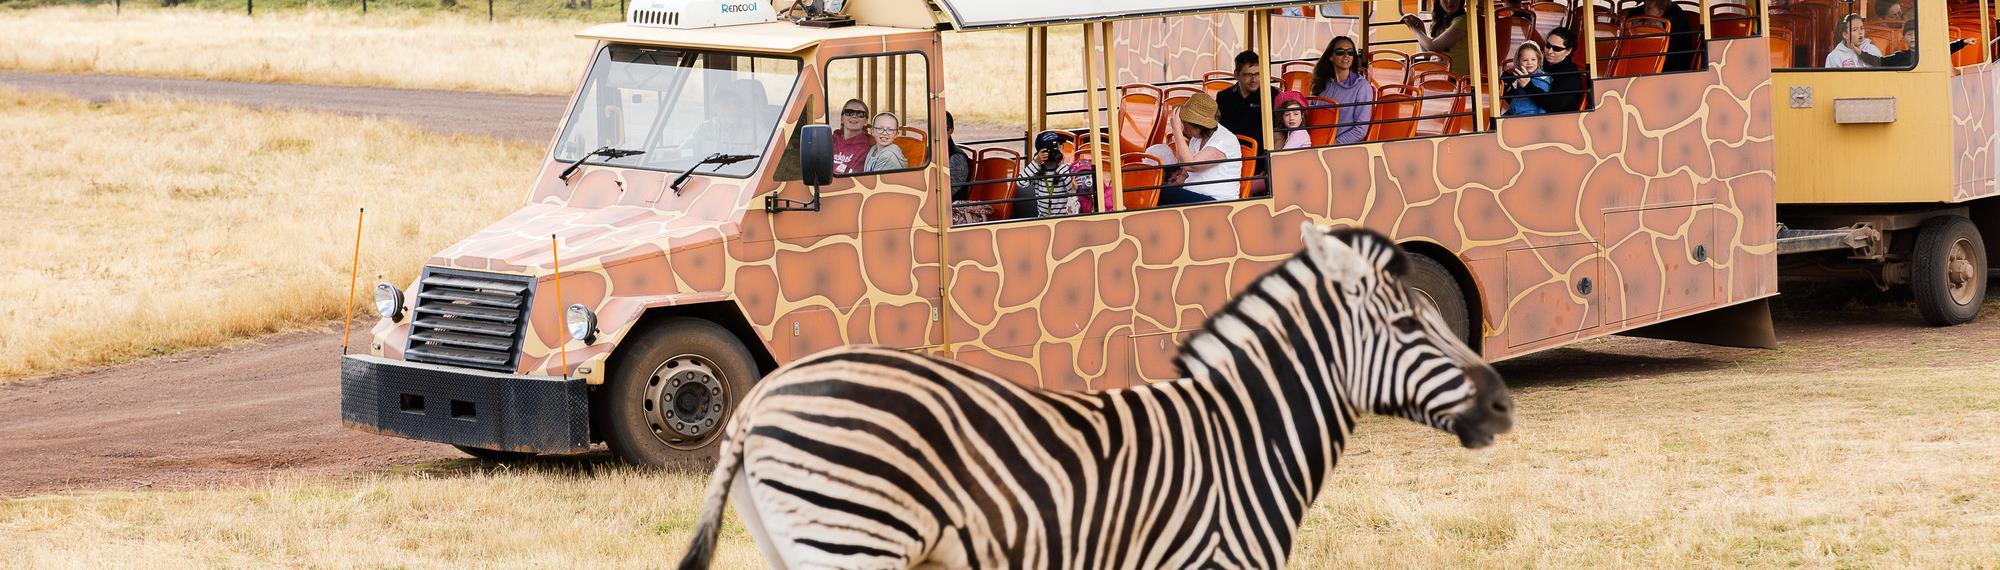 Visitors on a safari bus looking at a zebra on the Savannah at Werribee Zoo.